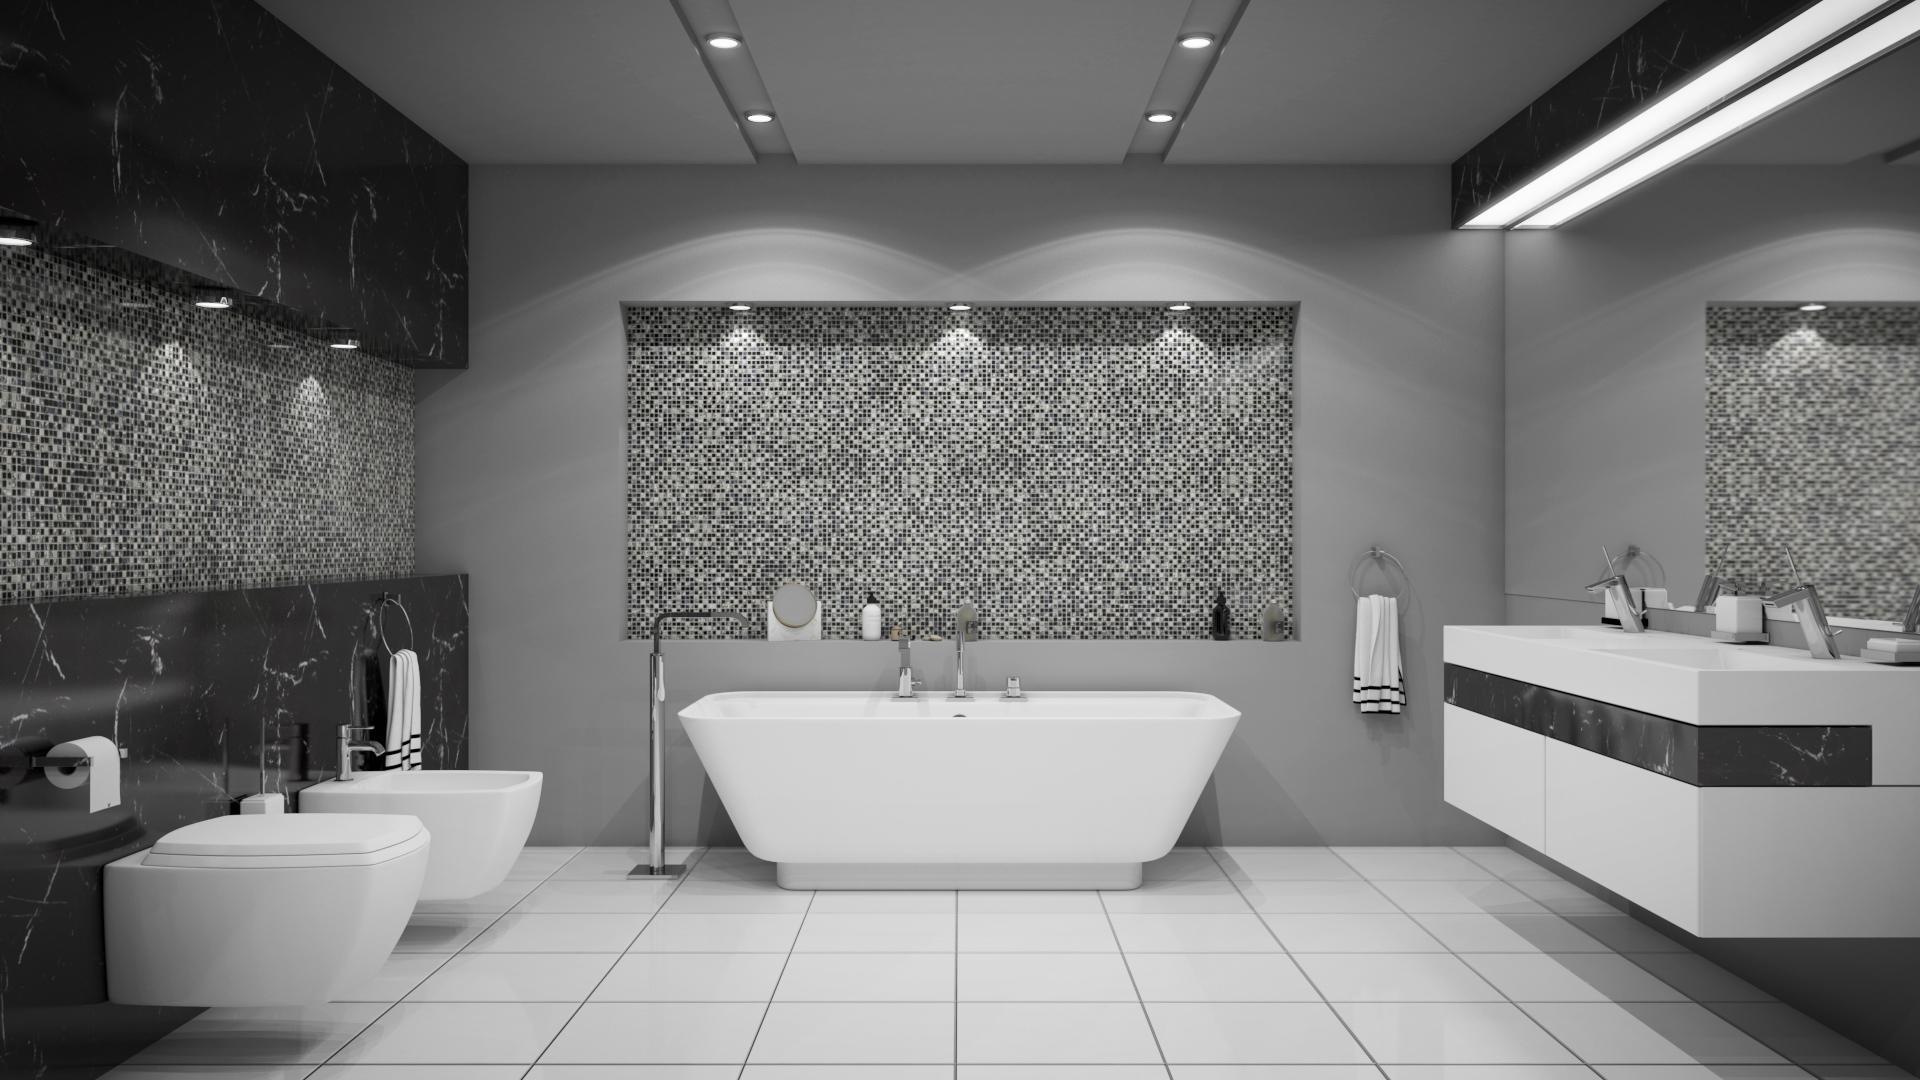 Łazienka Wizualizacja 3D